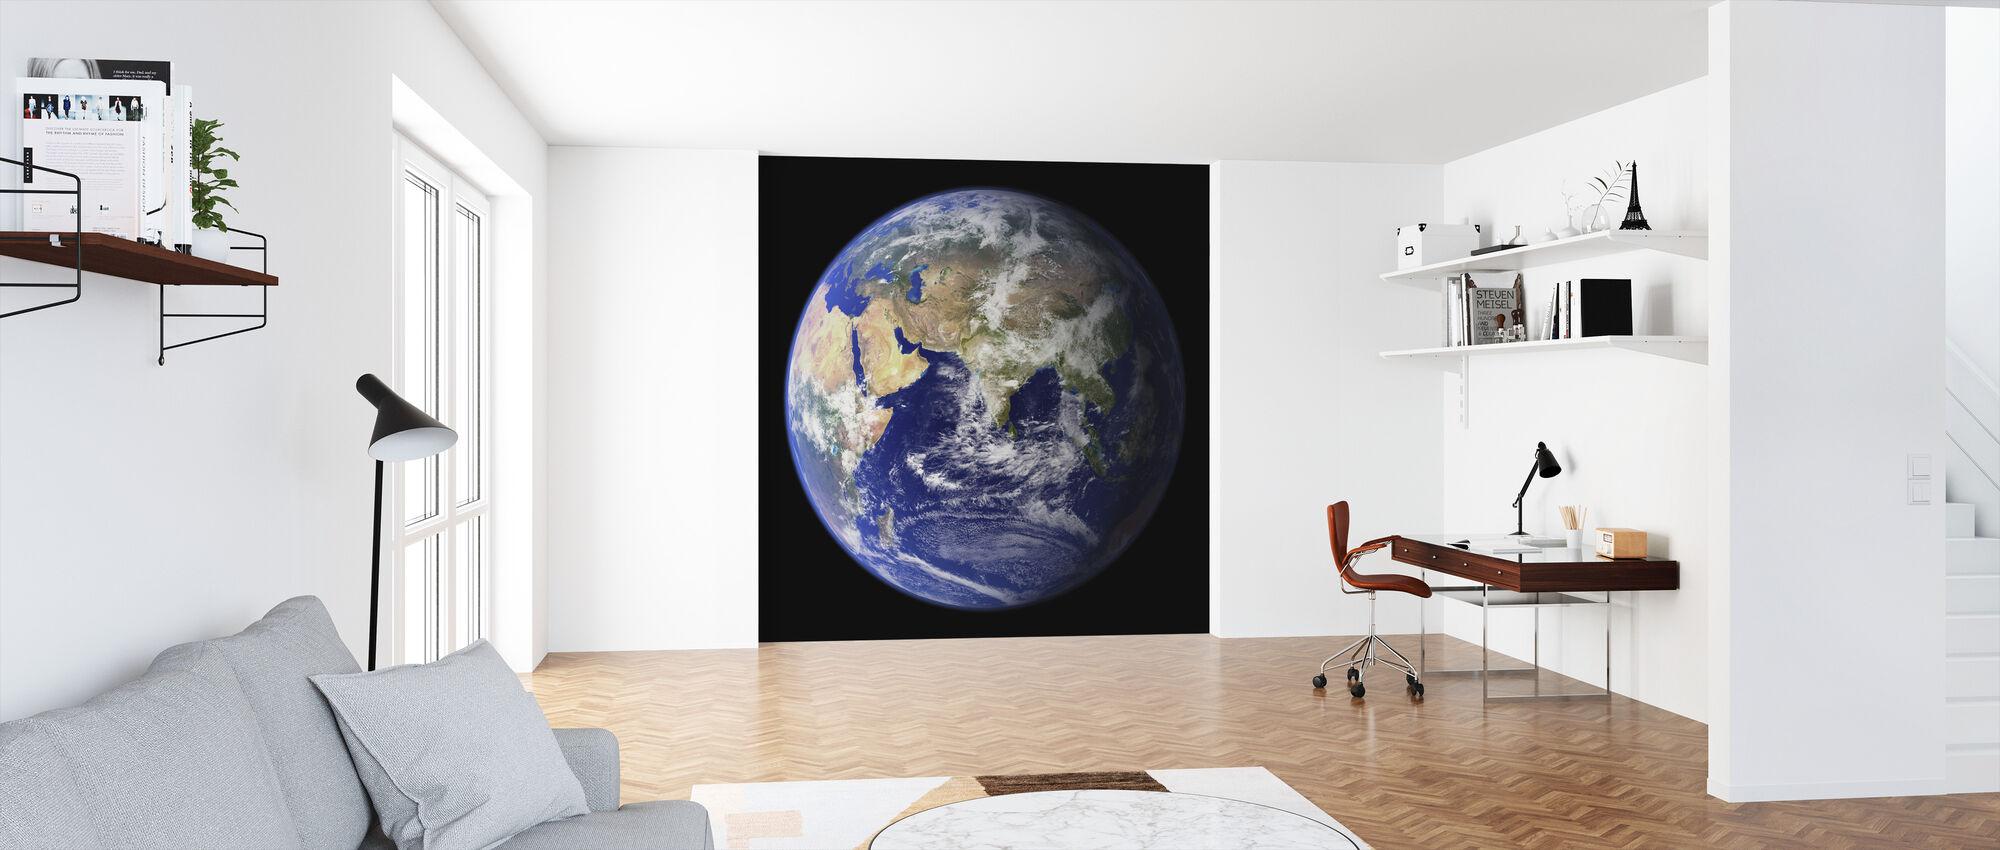 Earth - Wallpaper - Office